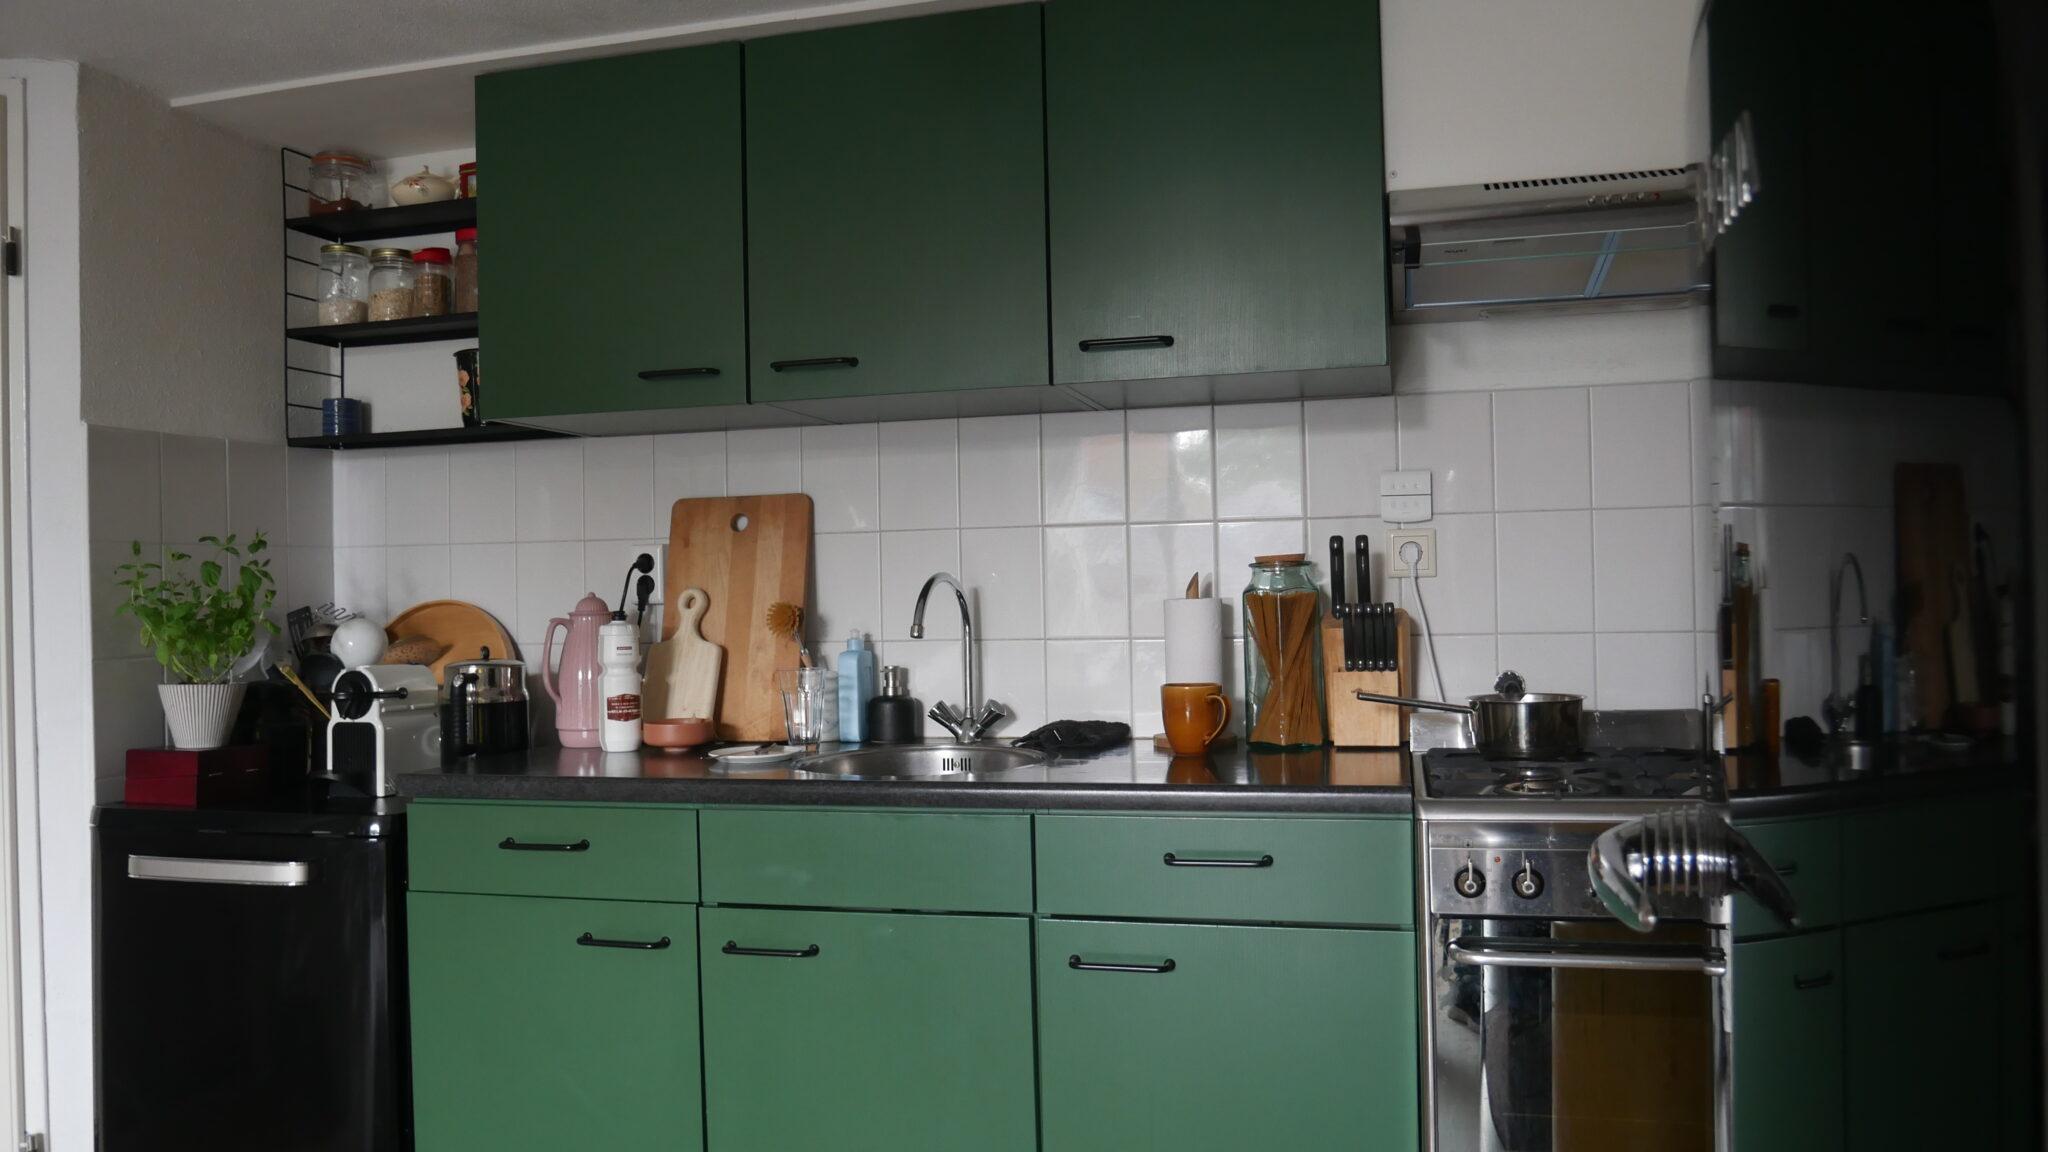 keuken vide kerk Zwolle